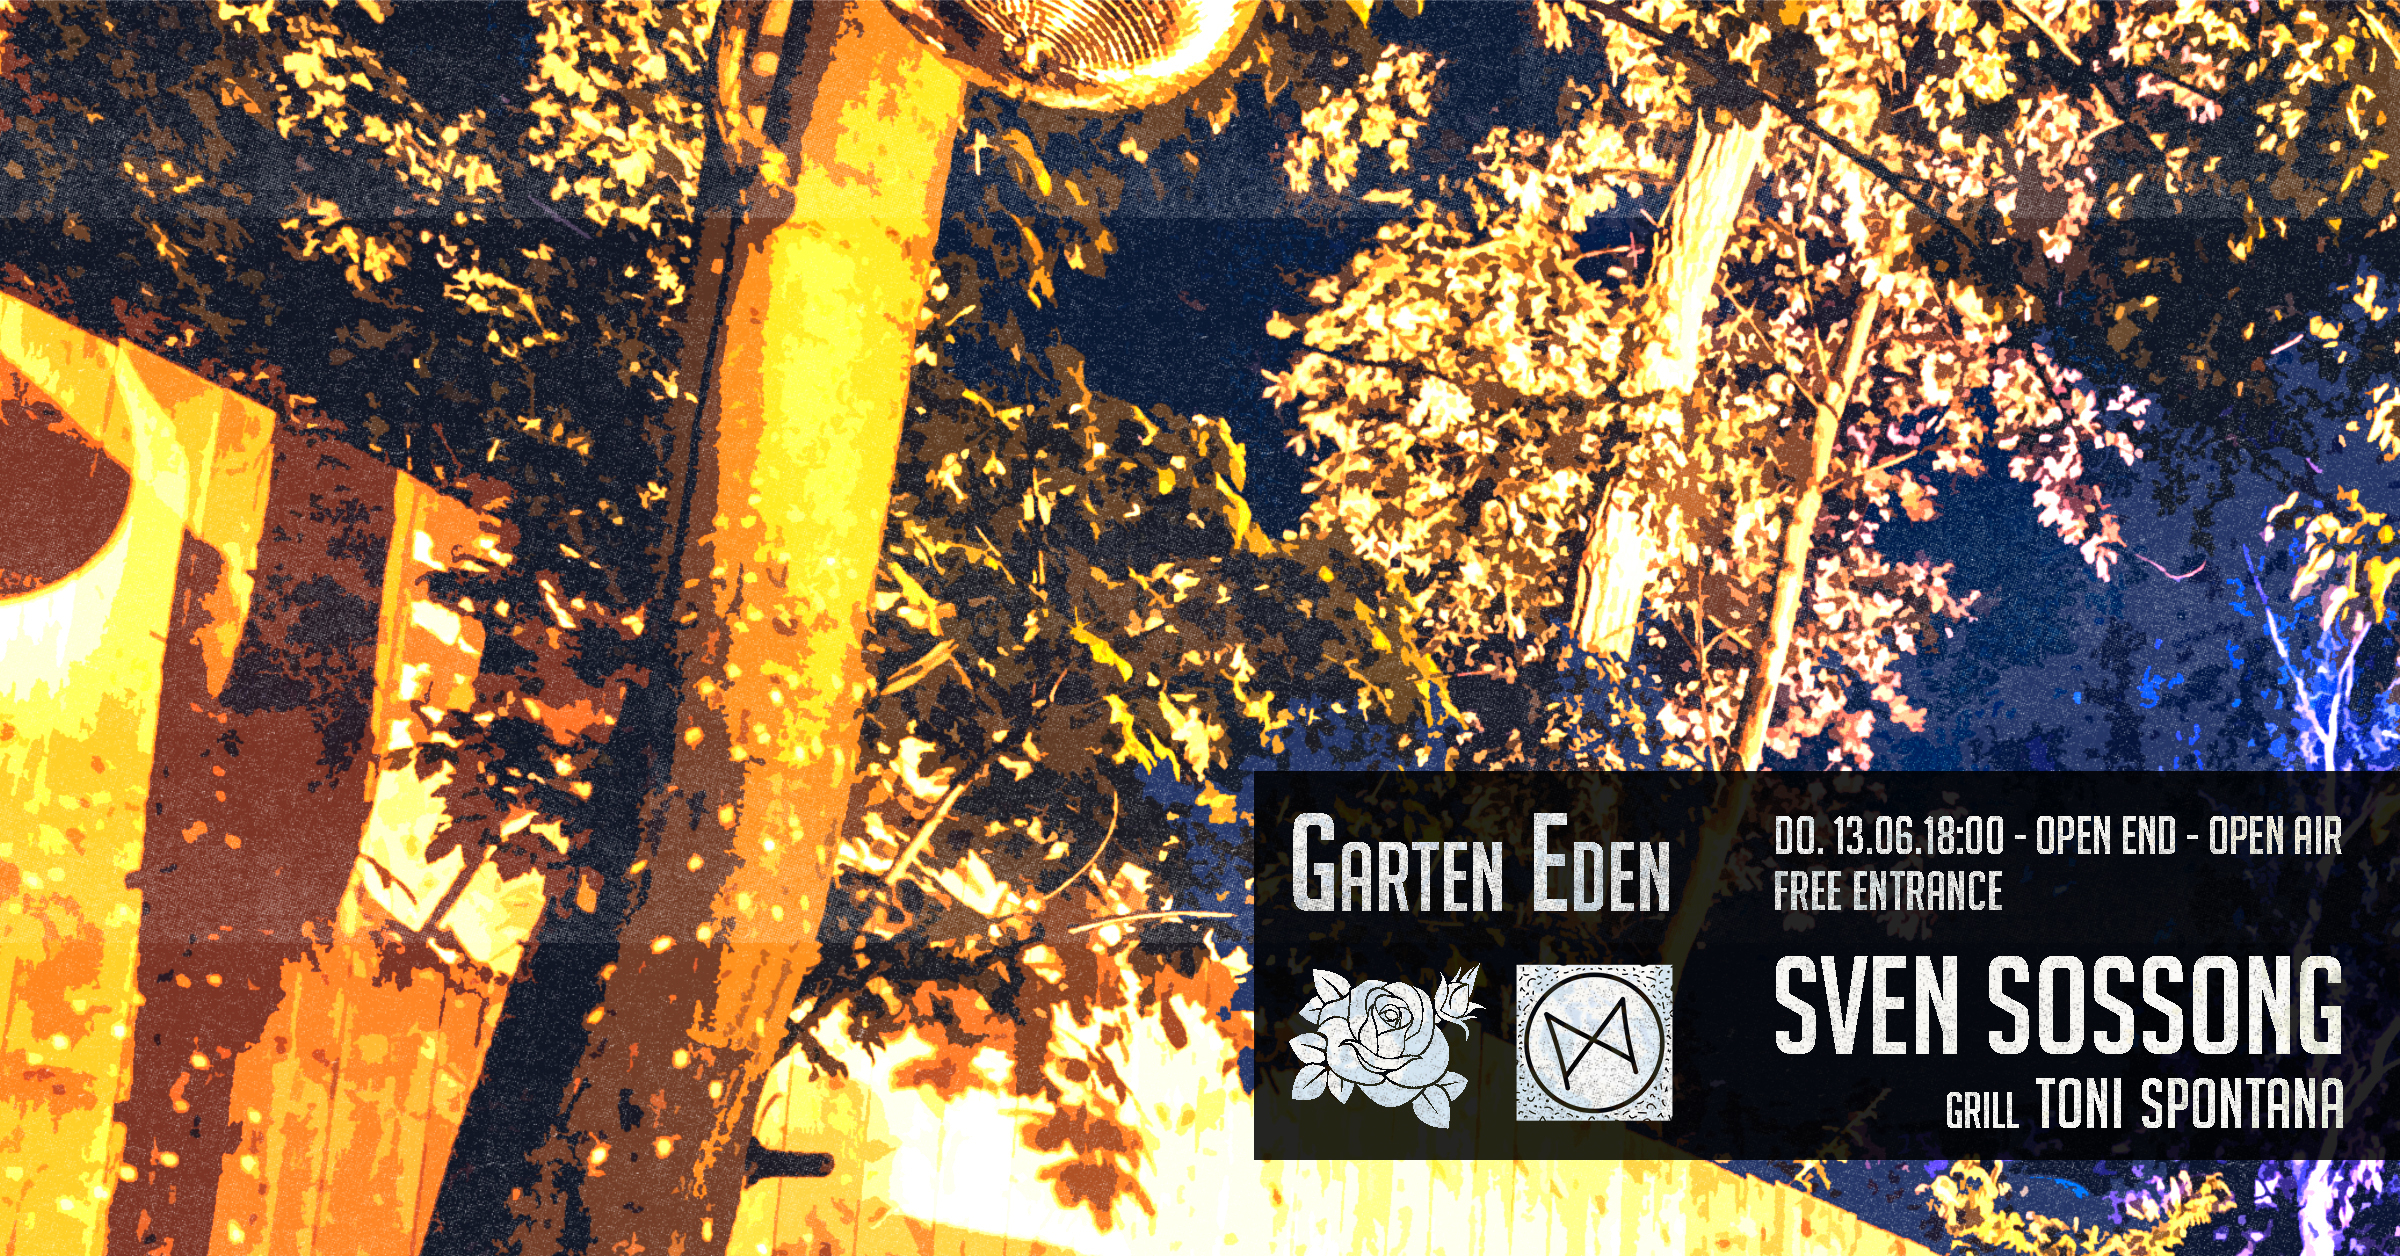 Garten Eden Open Air - Open End - Free Entrance